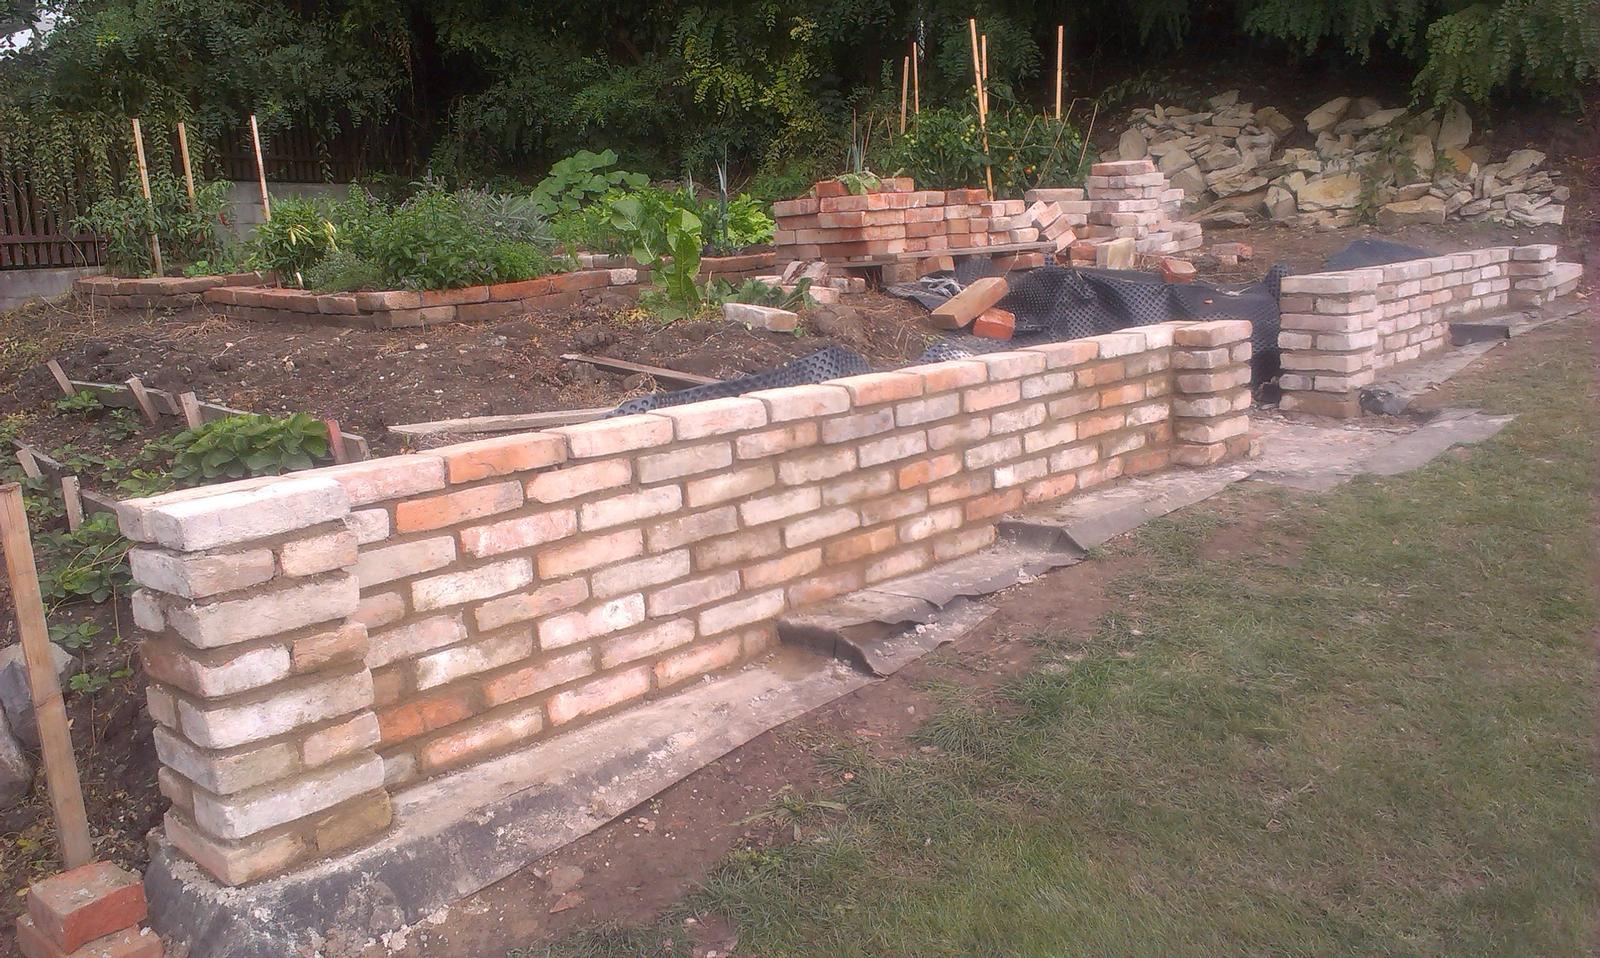 Záhrada - konečne sme prešli do zaujímavejšej časti našej zídky - budujeme :-)